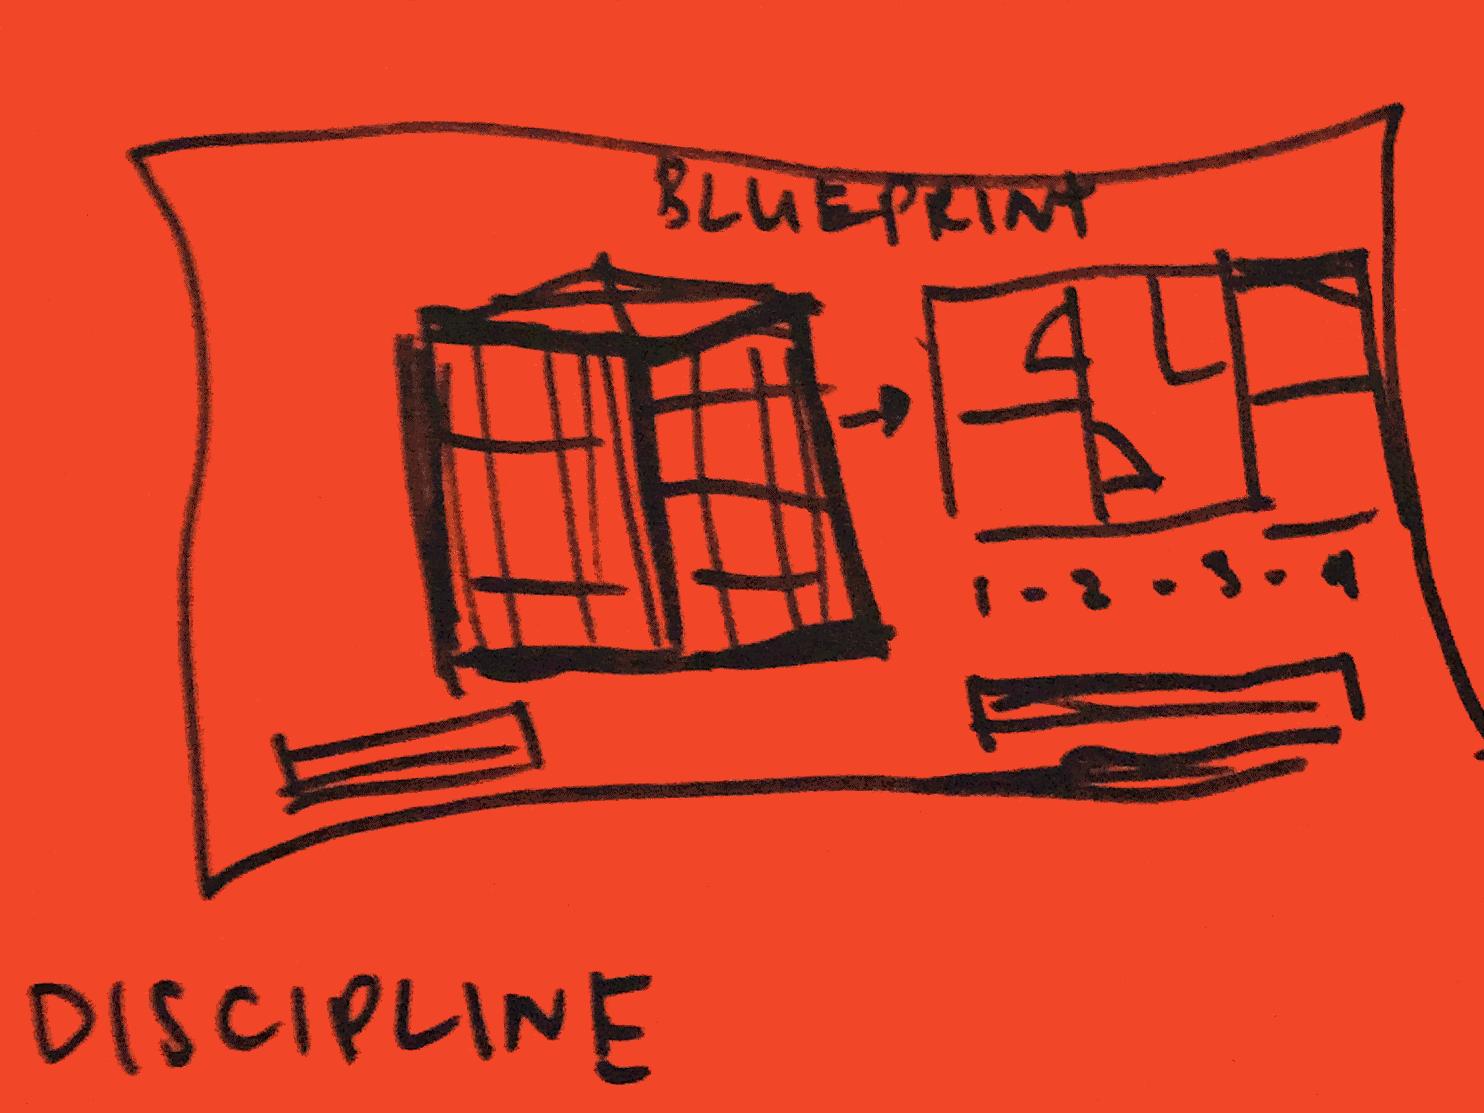 Discipline Strengthsfinder Blue Prints Plans